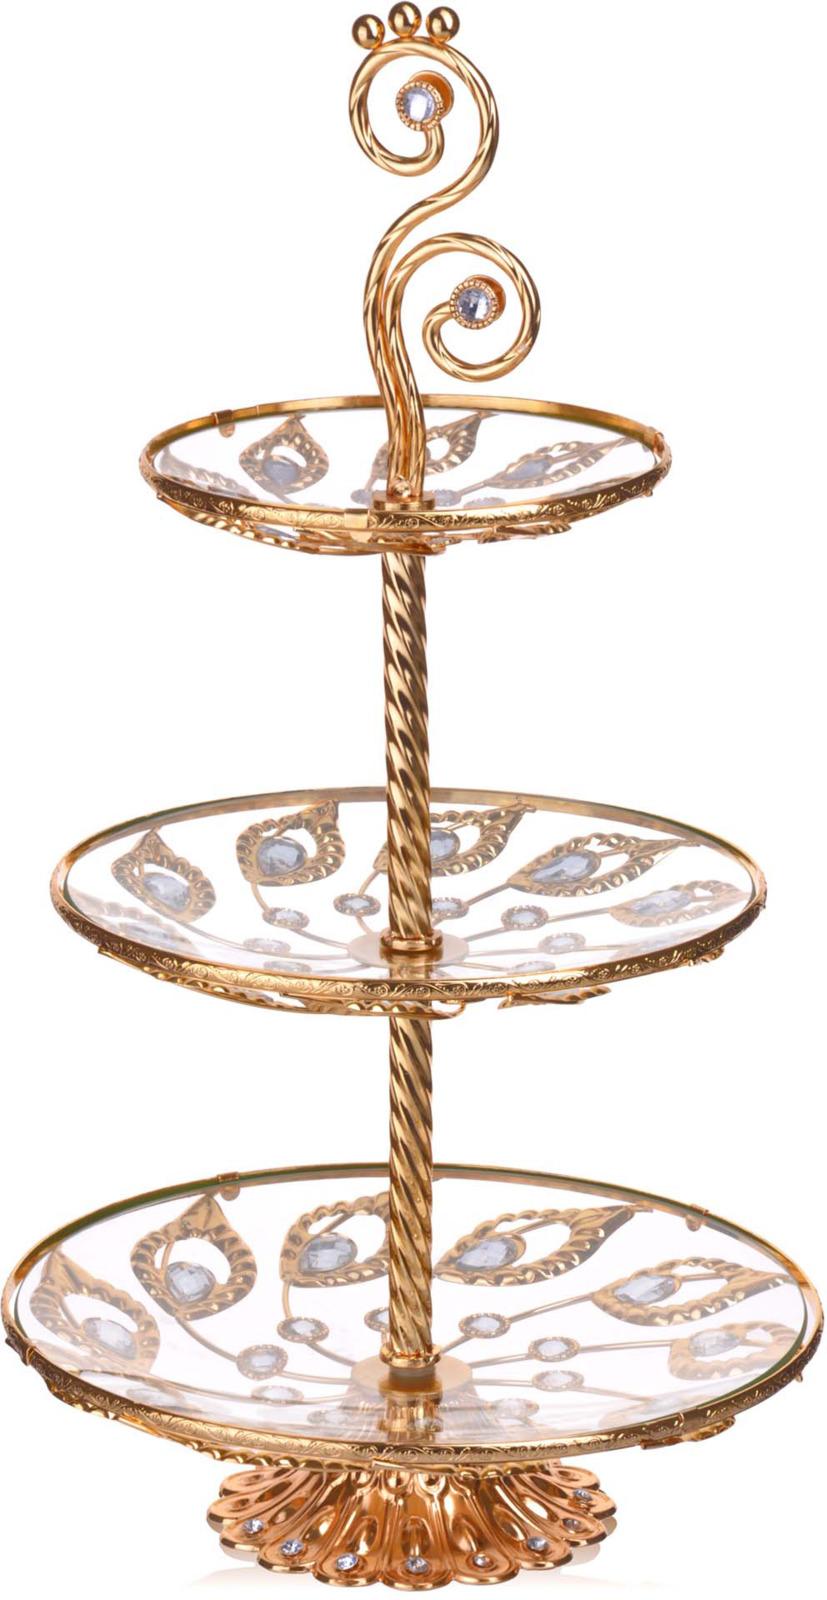 Конфетница Loraine, 3-ярусная, цвет: золотой, высота 58 см конфетница 3 ярусная loraine lr 27539